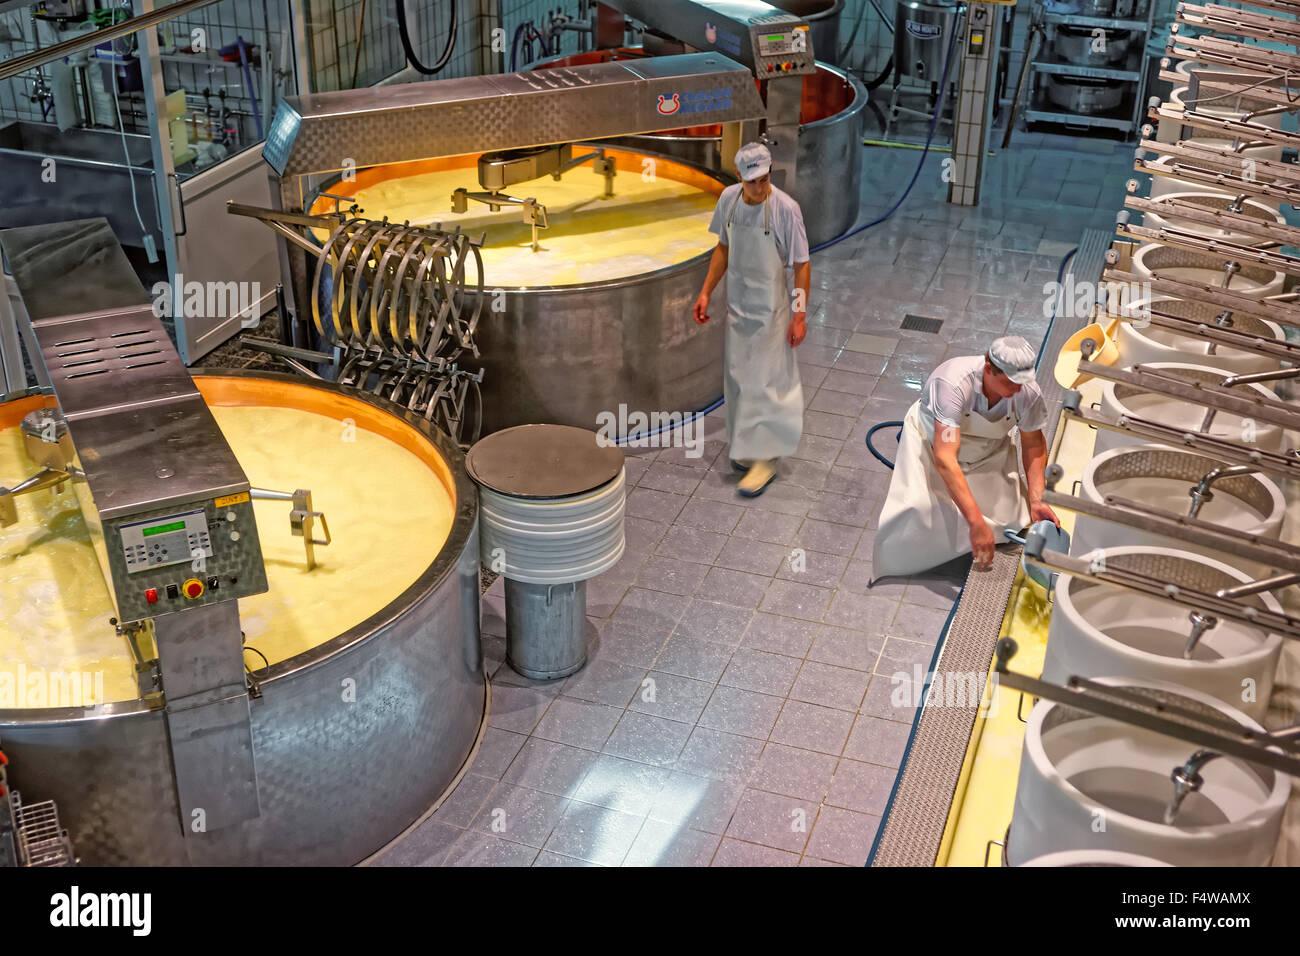 Gruyère, SUISSE - 31 décembre 2014: production de fromage gruyère à l'usine de fabrication de fromage de Gruyères Banque D'Images